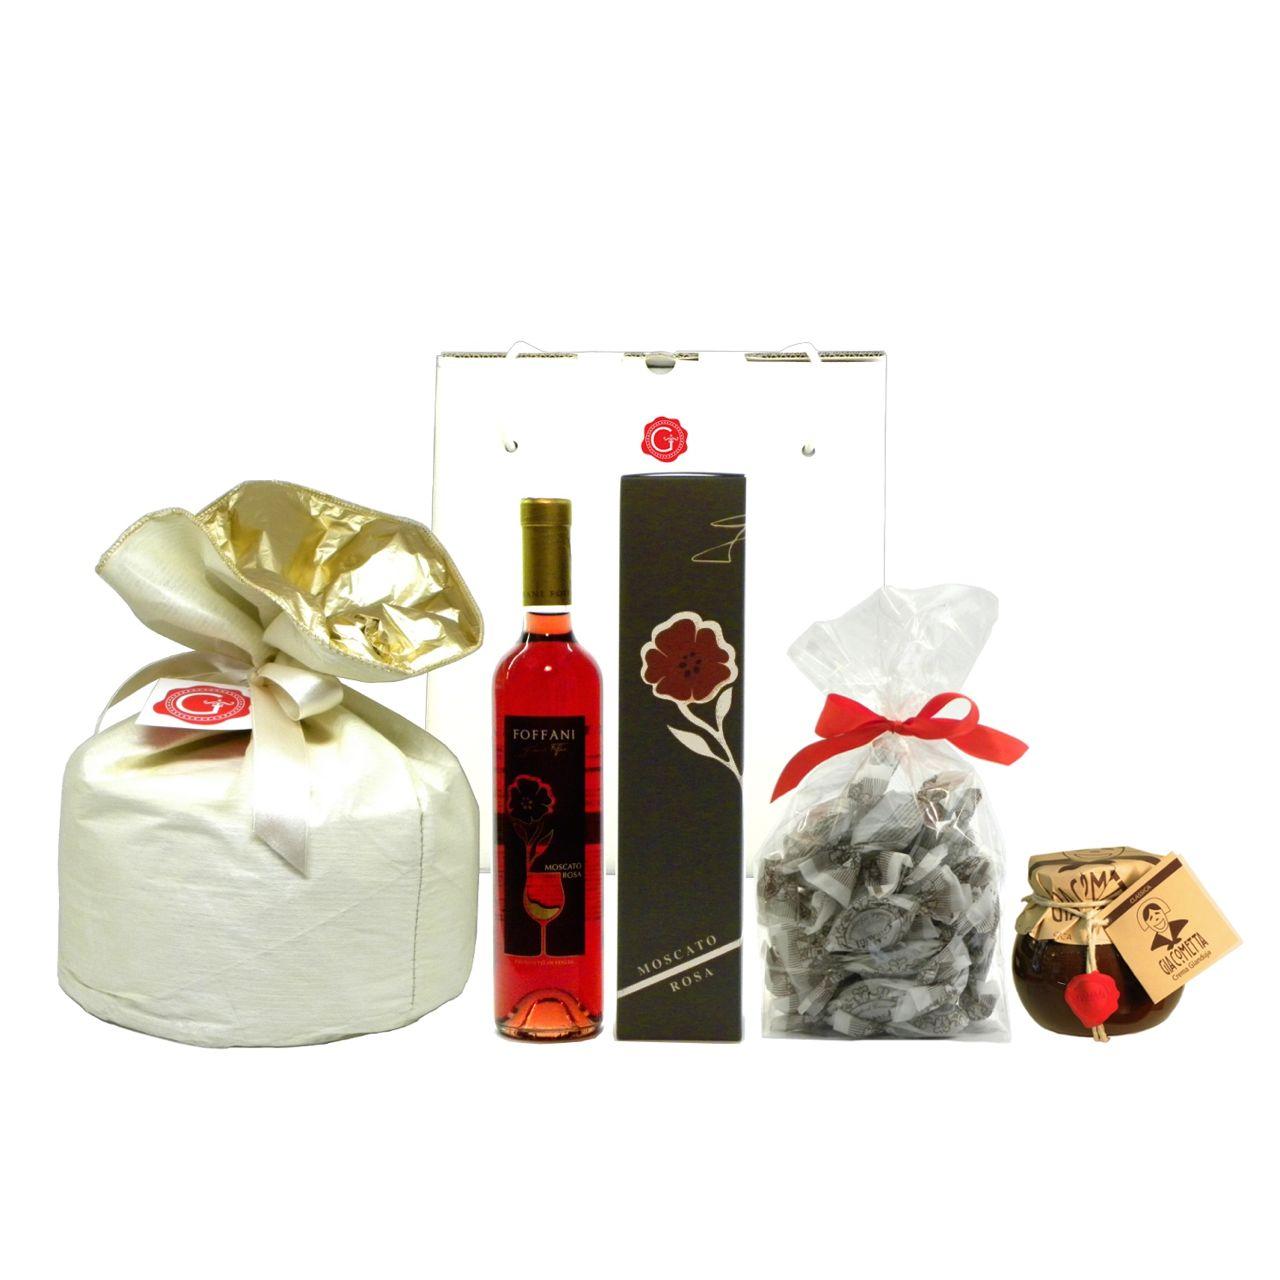 Confezione Regalo Panettone Moscato Amaretti Giacometta – Gift Box Panettone Moscato Amaretti Chocolate Spread – Gustorotondo – Italian Food Boutique